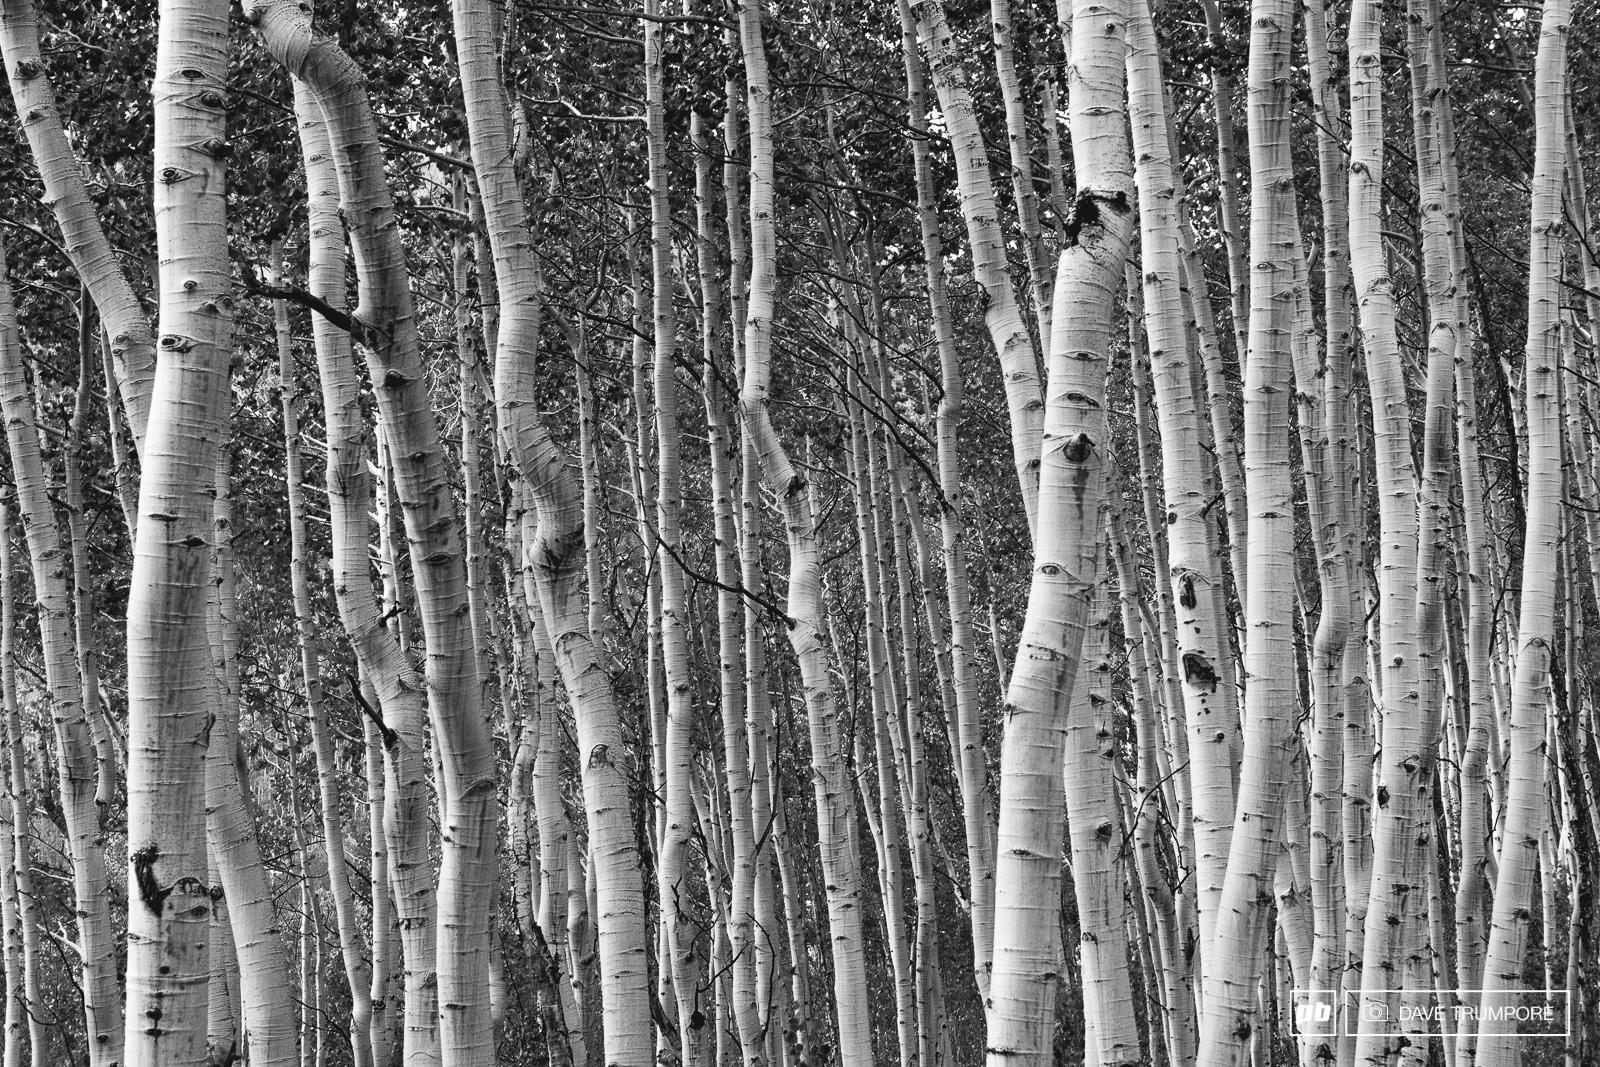 Aspen trees staked upon aspen trees in Aspen.